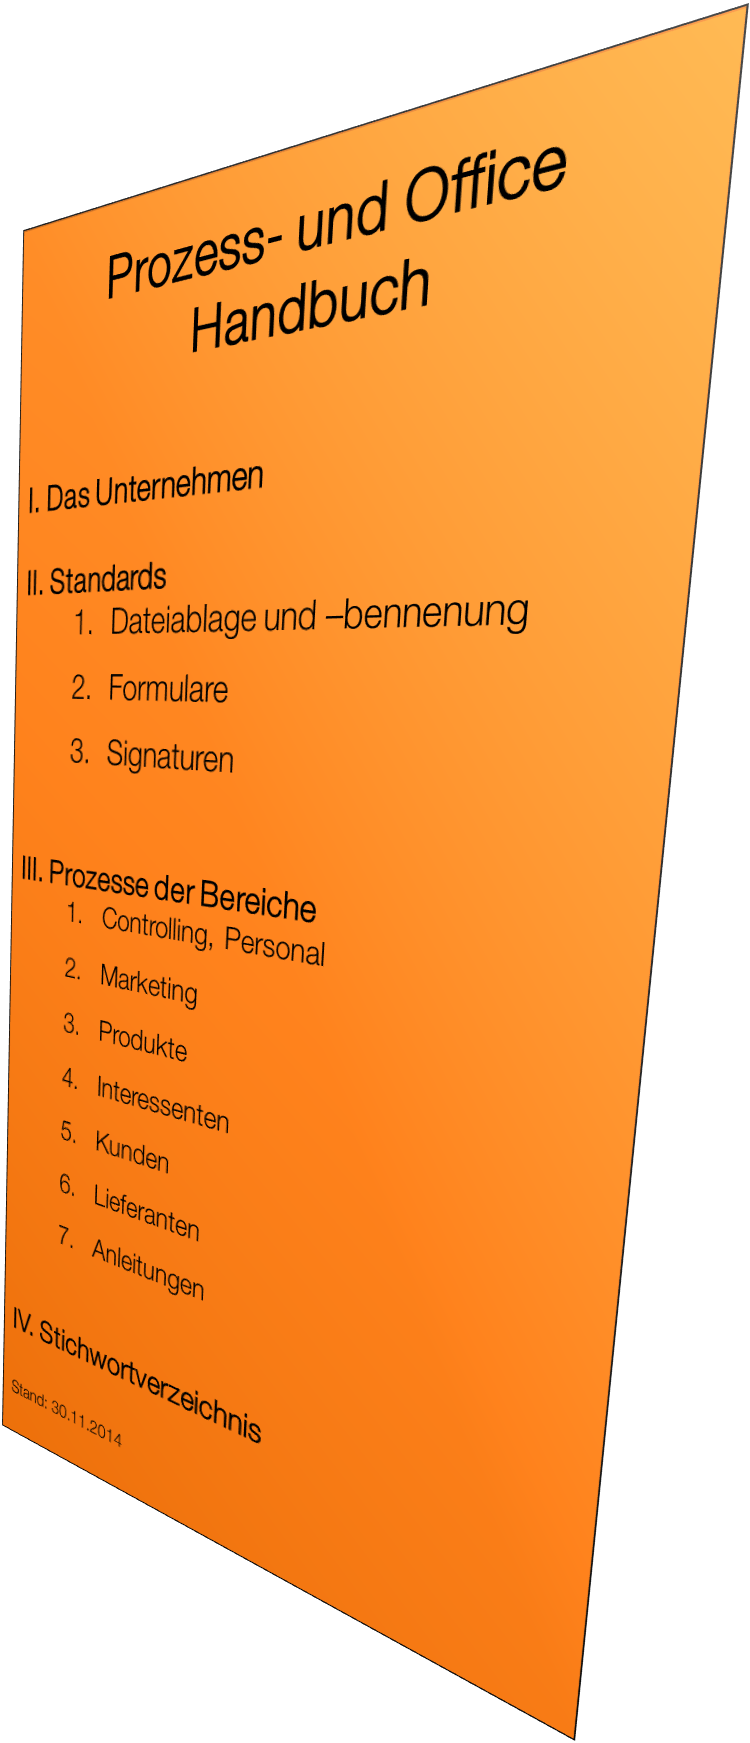 Office Handbuch - Tools für Office Management